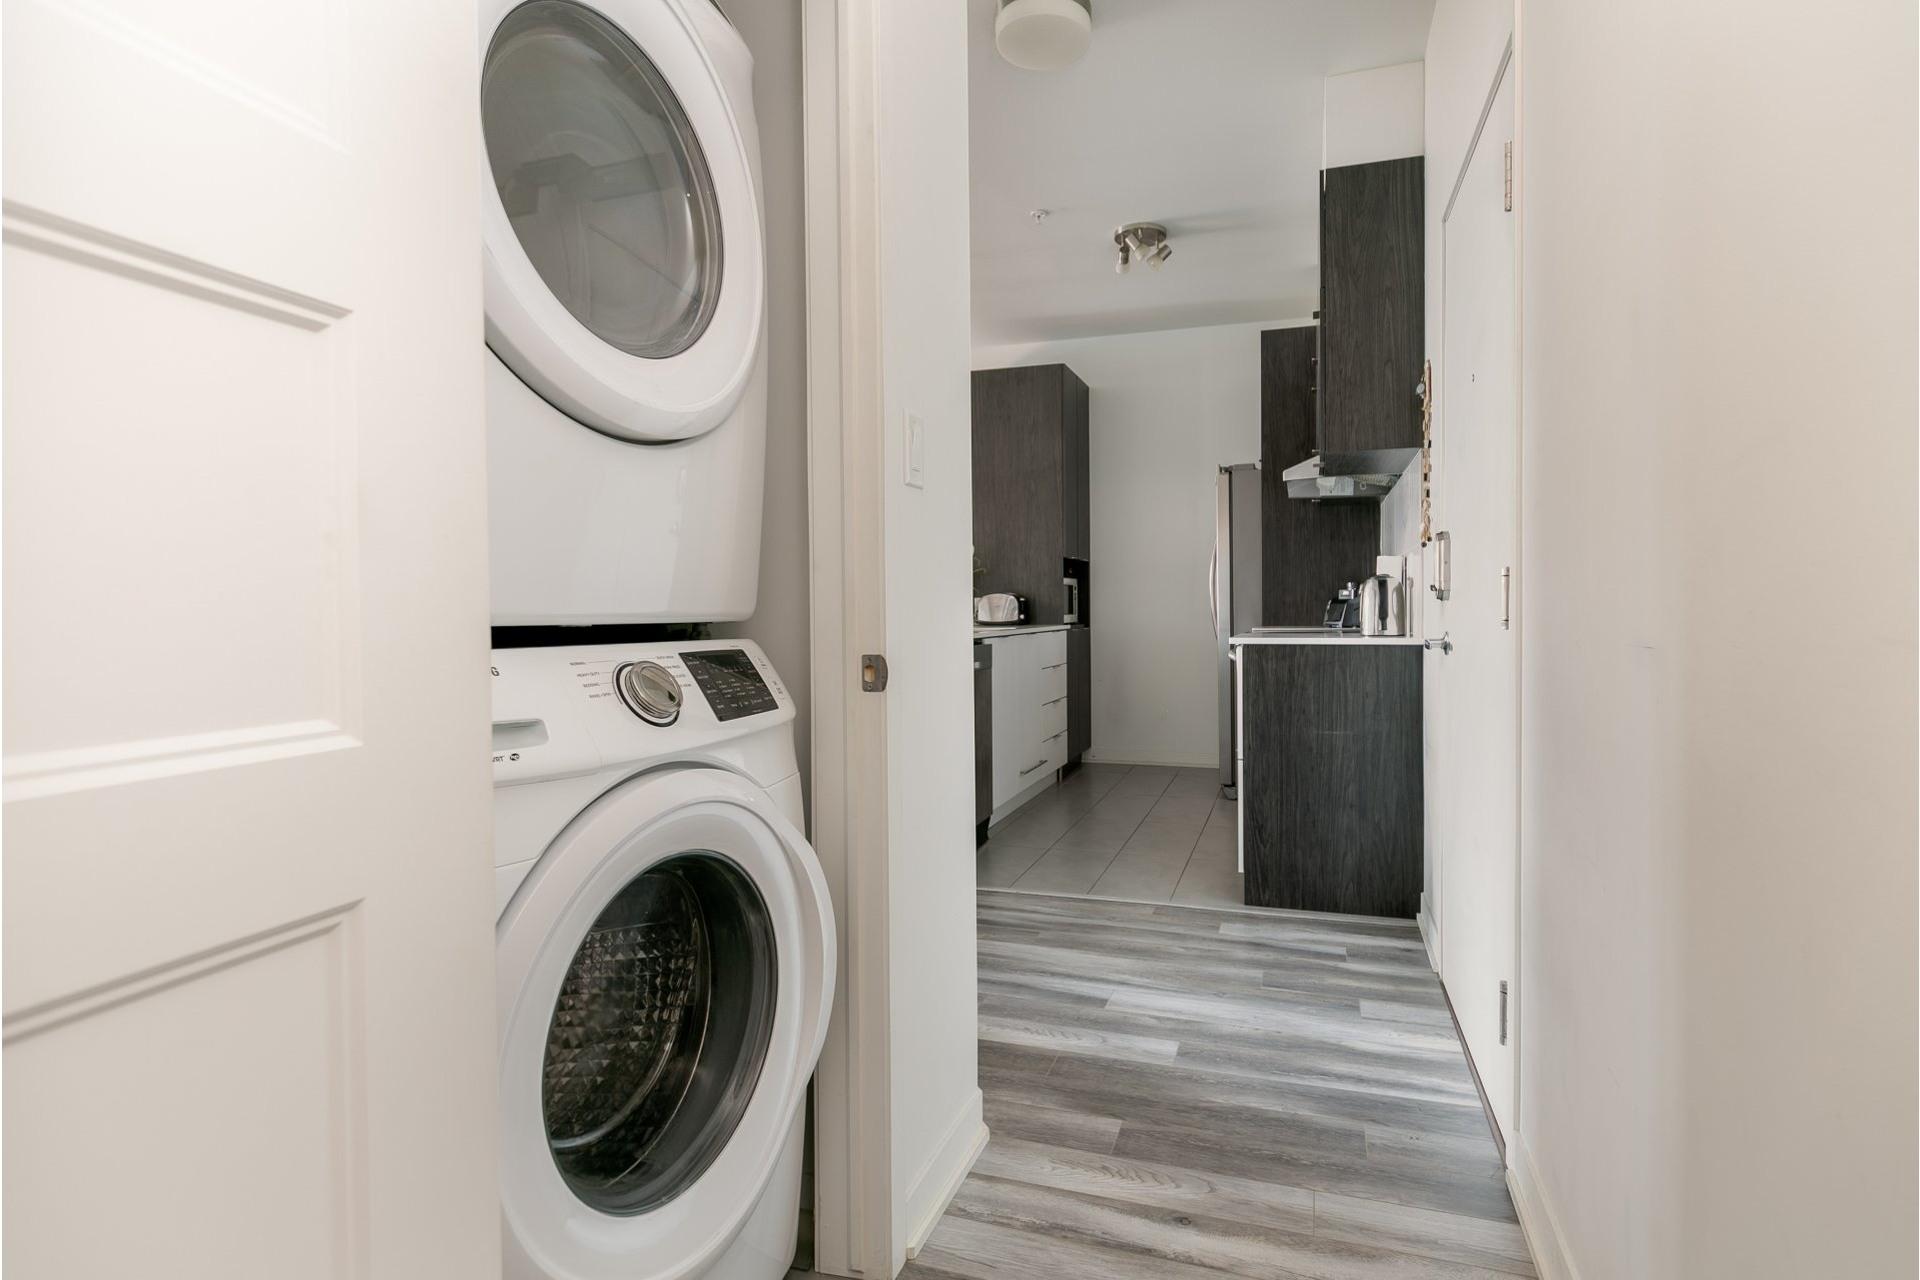 image 5 - Appartement À vendre Brossard - 10 pièces